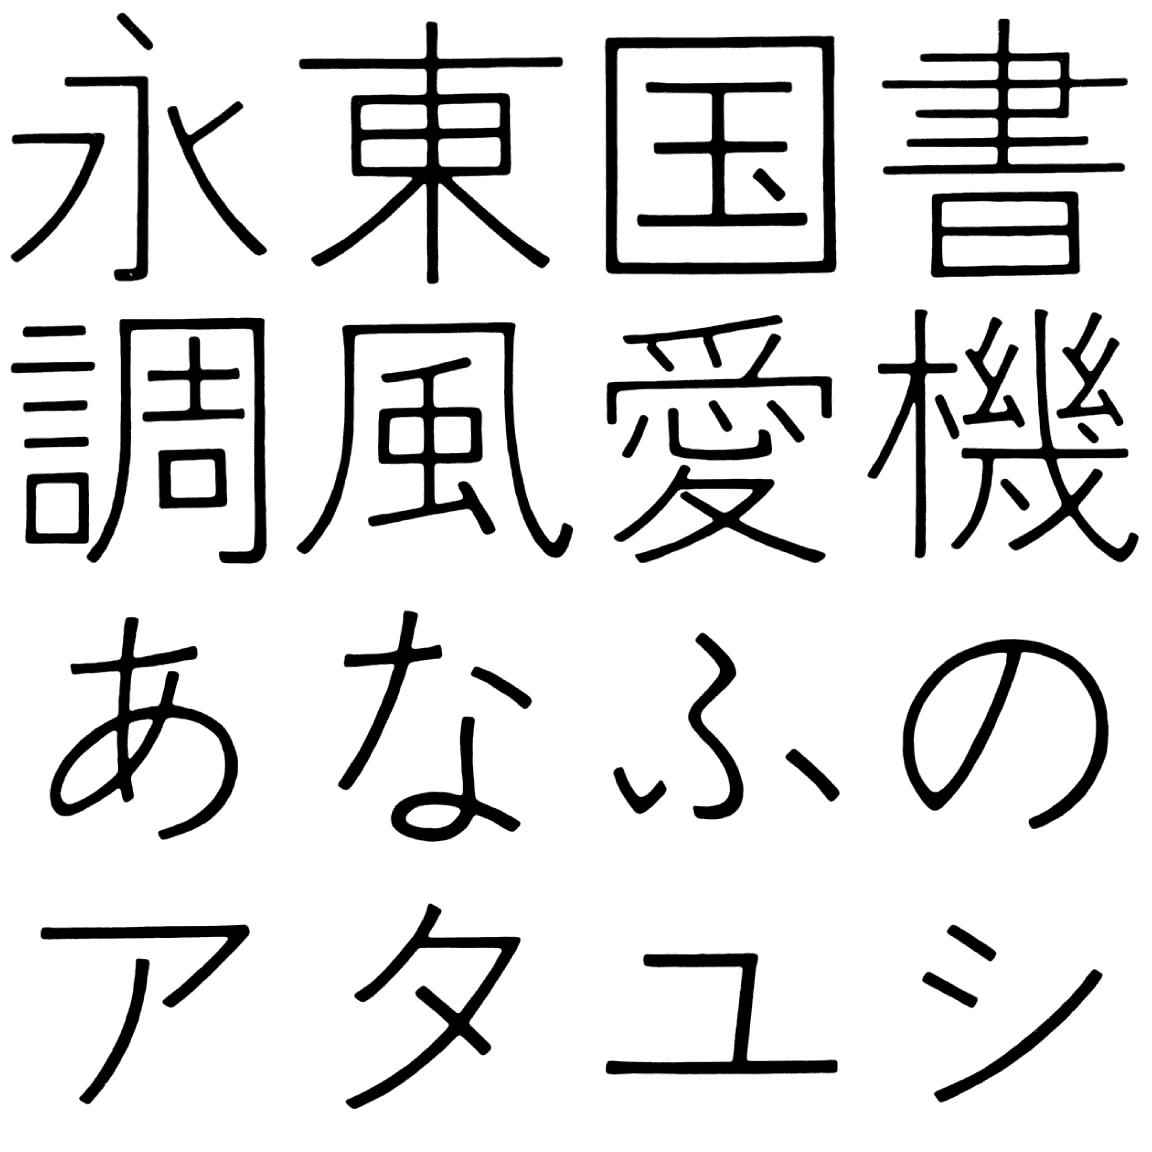 石井細ゴシック LG-KS 字形見本